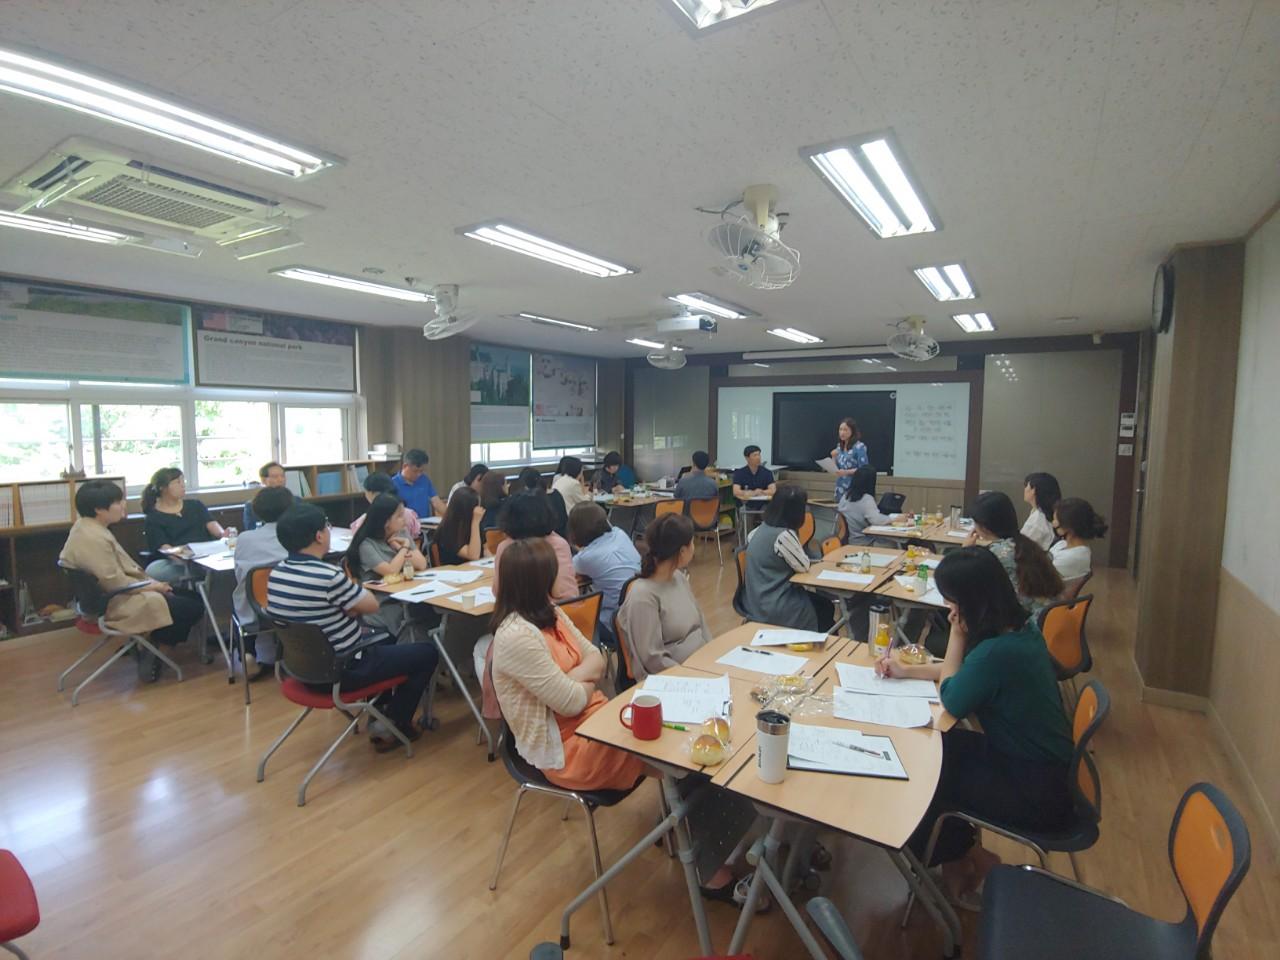 [일반] 배움중심 수업공개의 첨부이미지 5